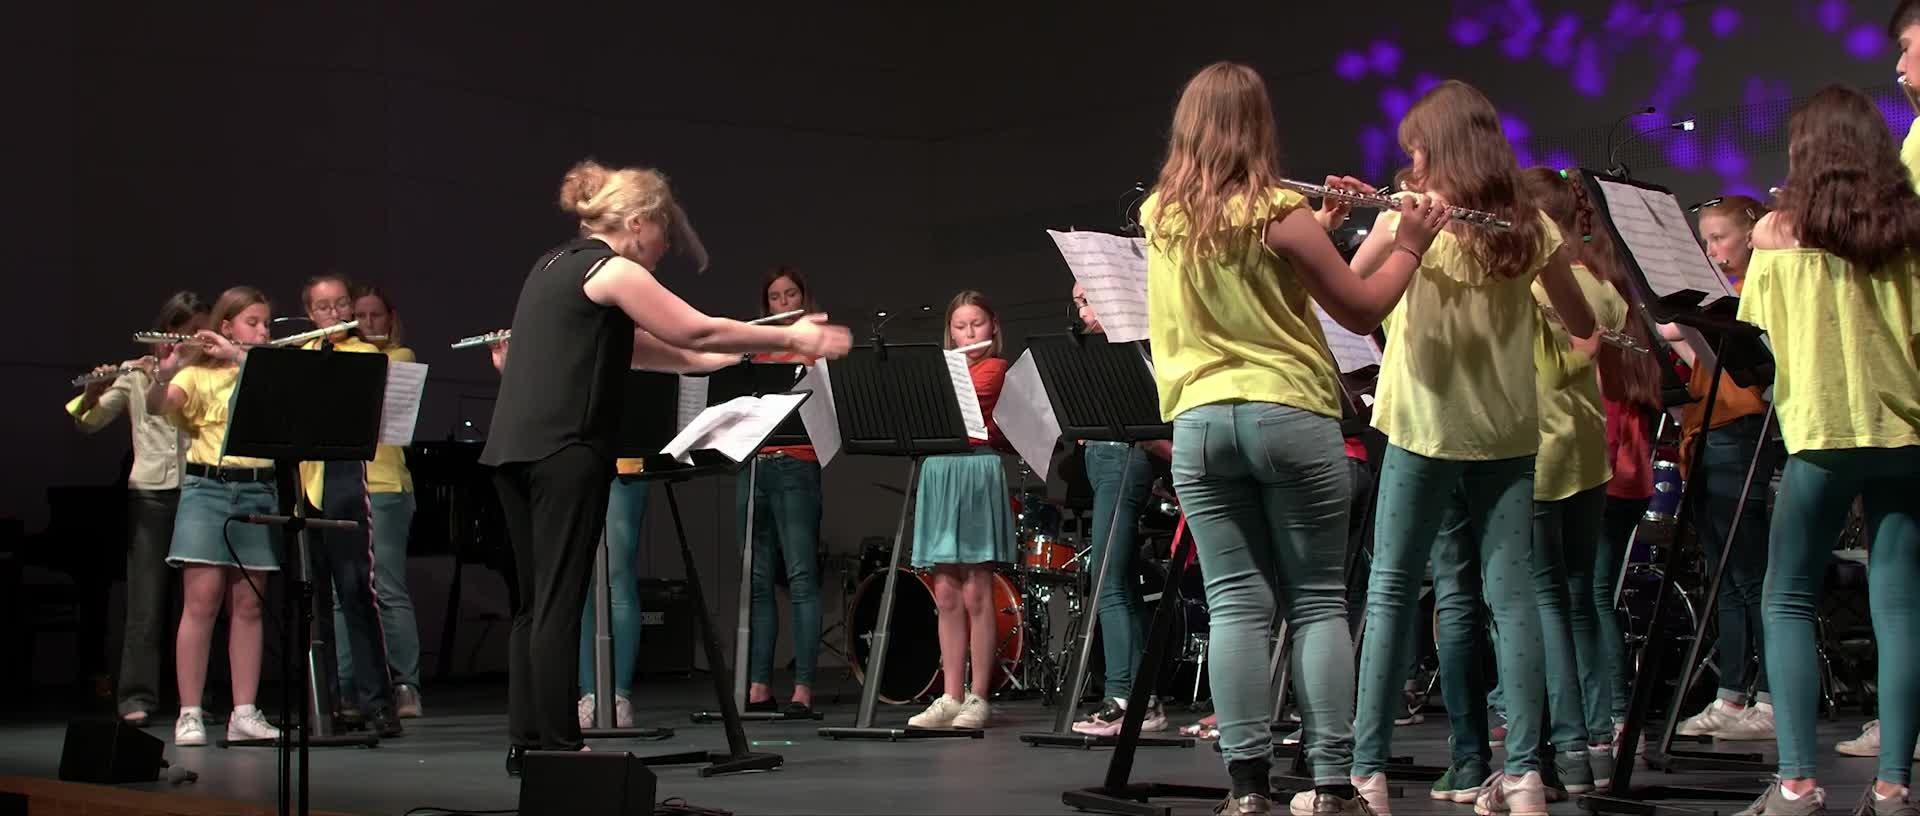 Audition Ecole de musique Hesperange - Concert, 07.07.2019